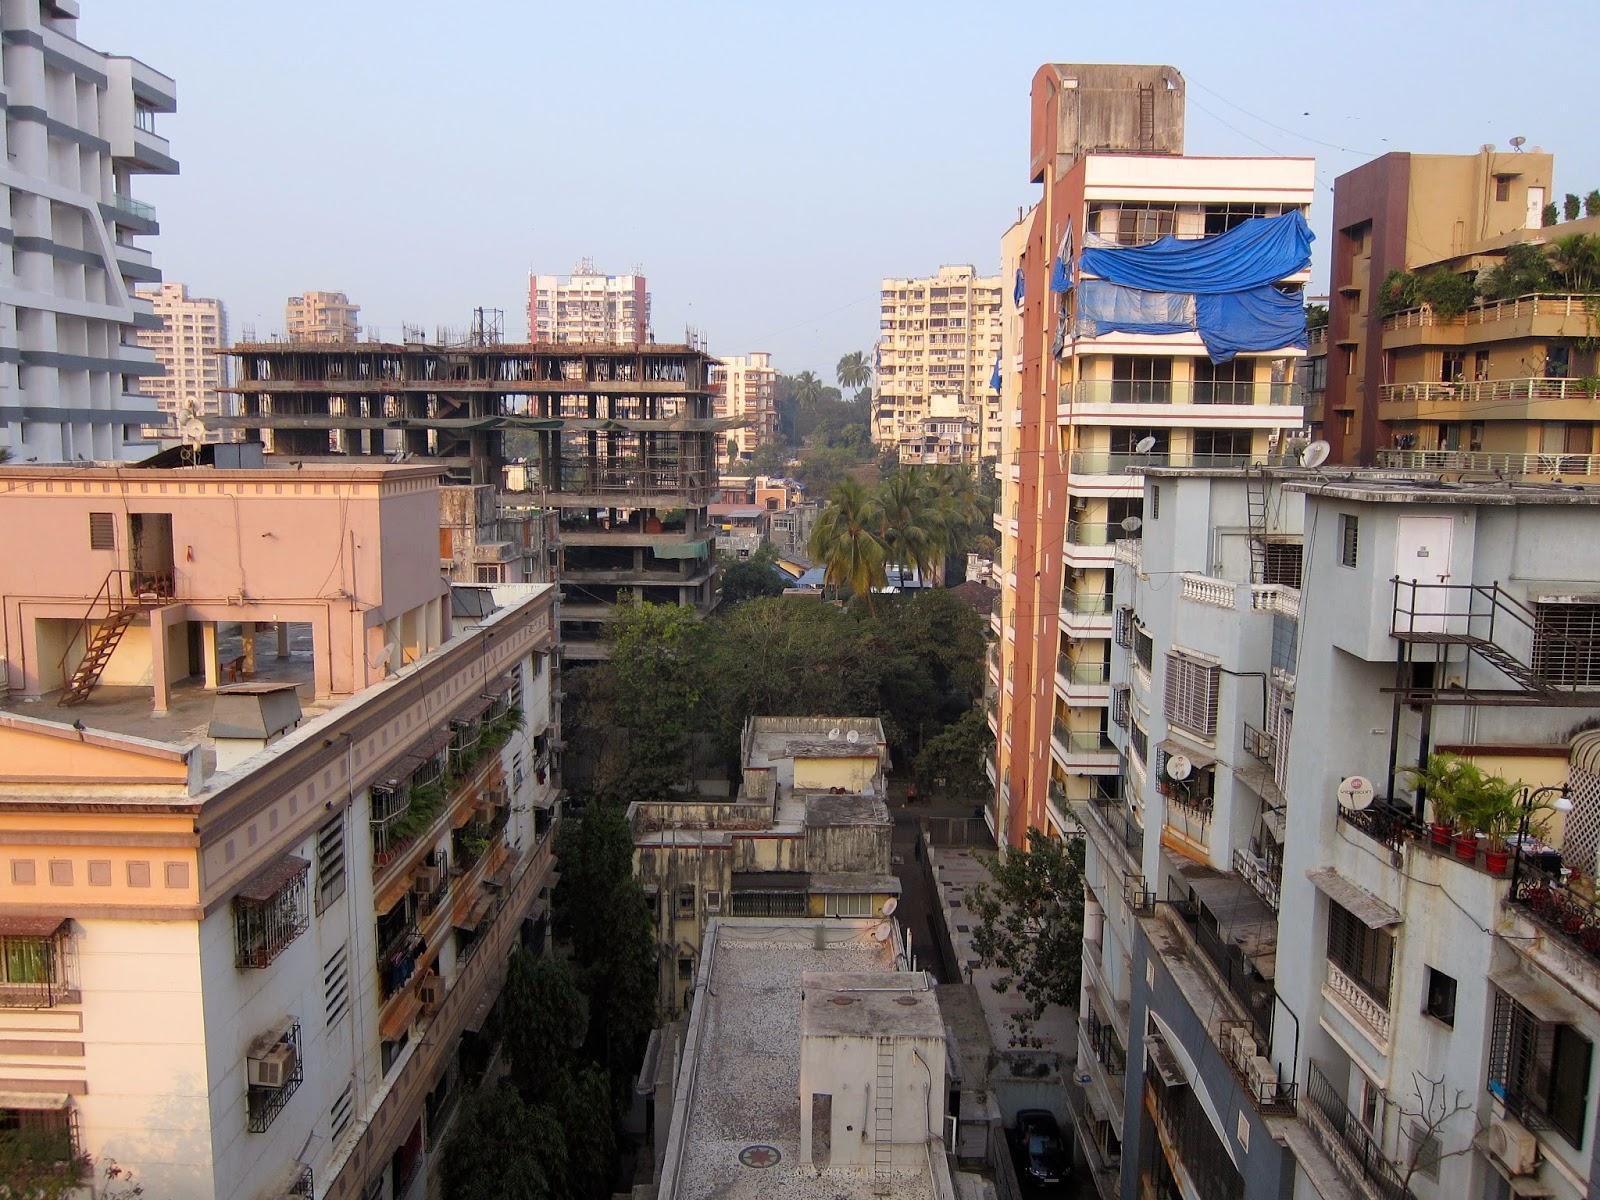 Bungalow 9 Bandra West Western Suburbs Mumbai: Bombay's Vanishing Heritage